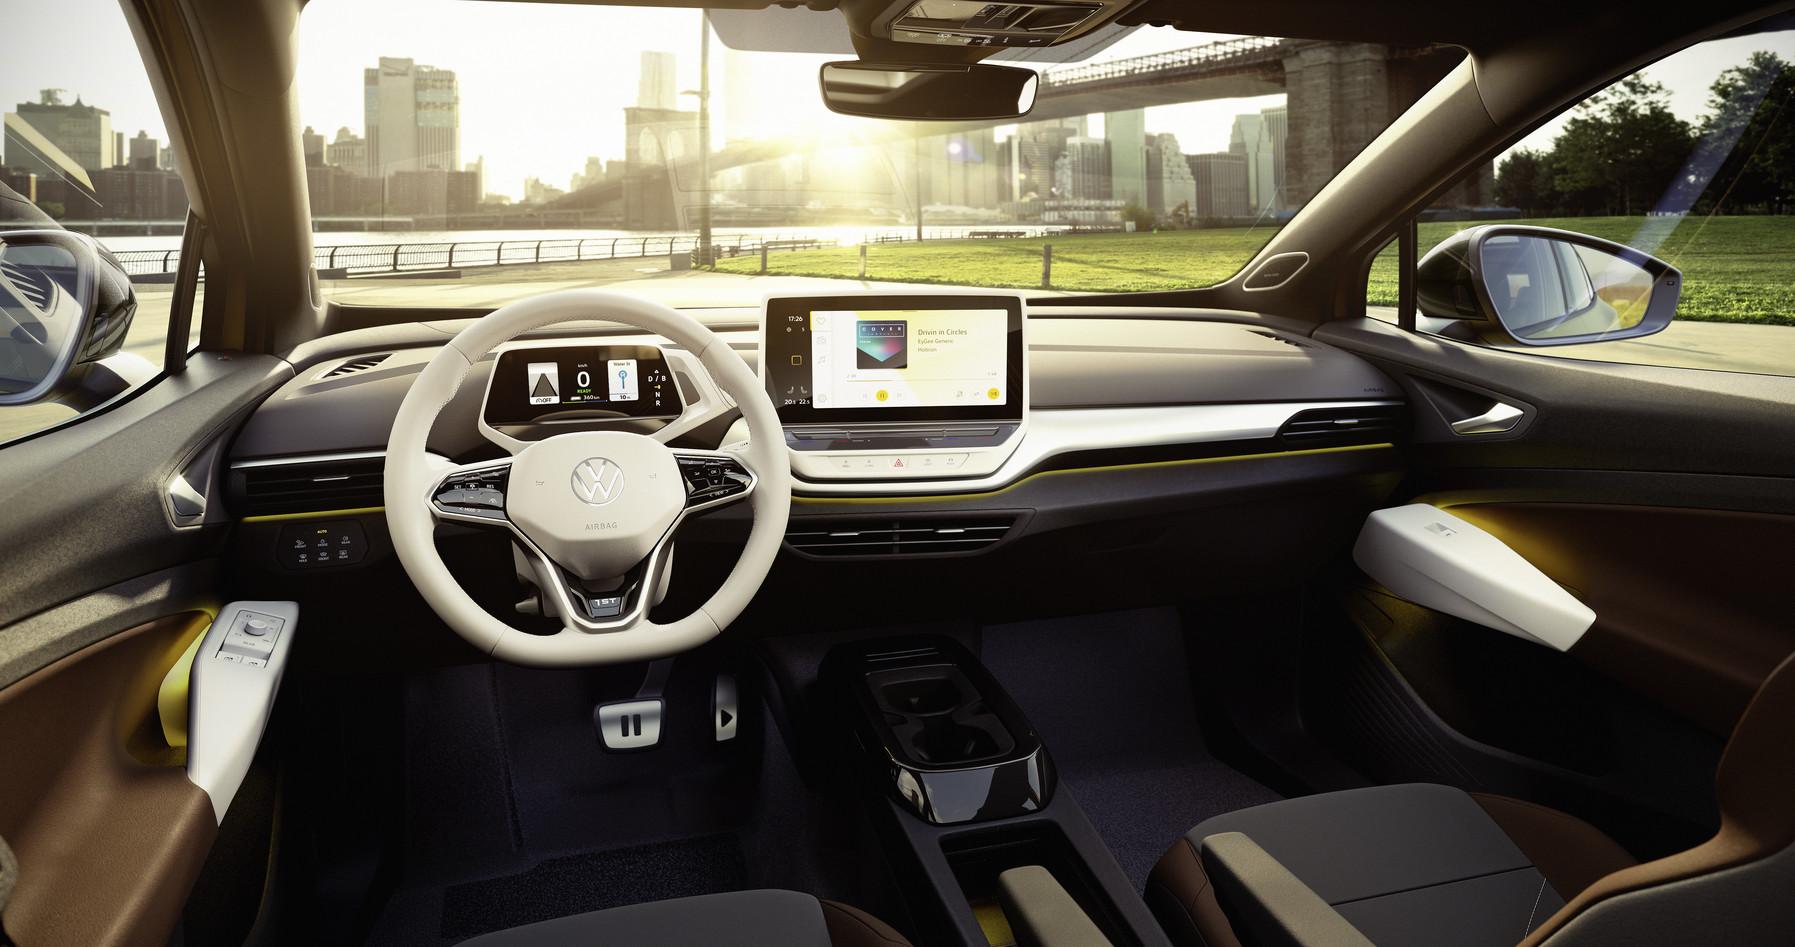 Стратегия против Tesla укусила китайское подразделение VW, поскольку местные покупатели сетуют на тормоза в программном обеспечении ID.4